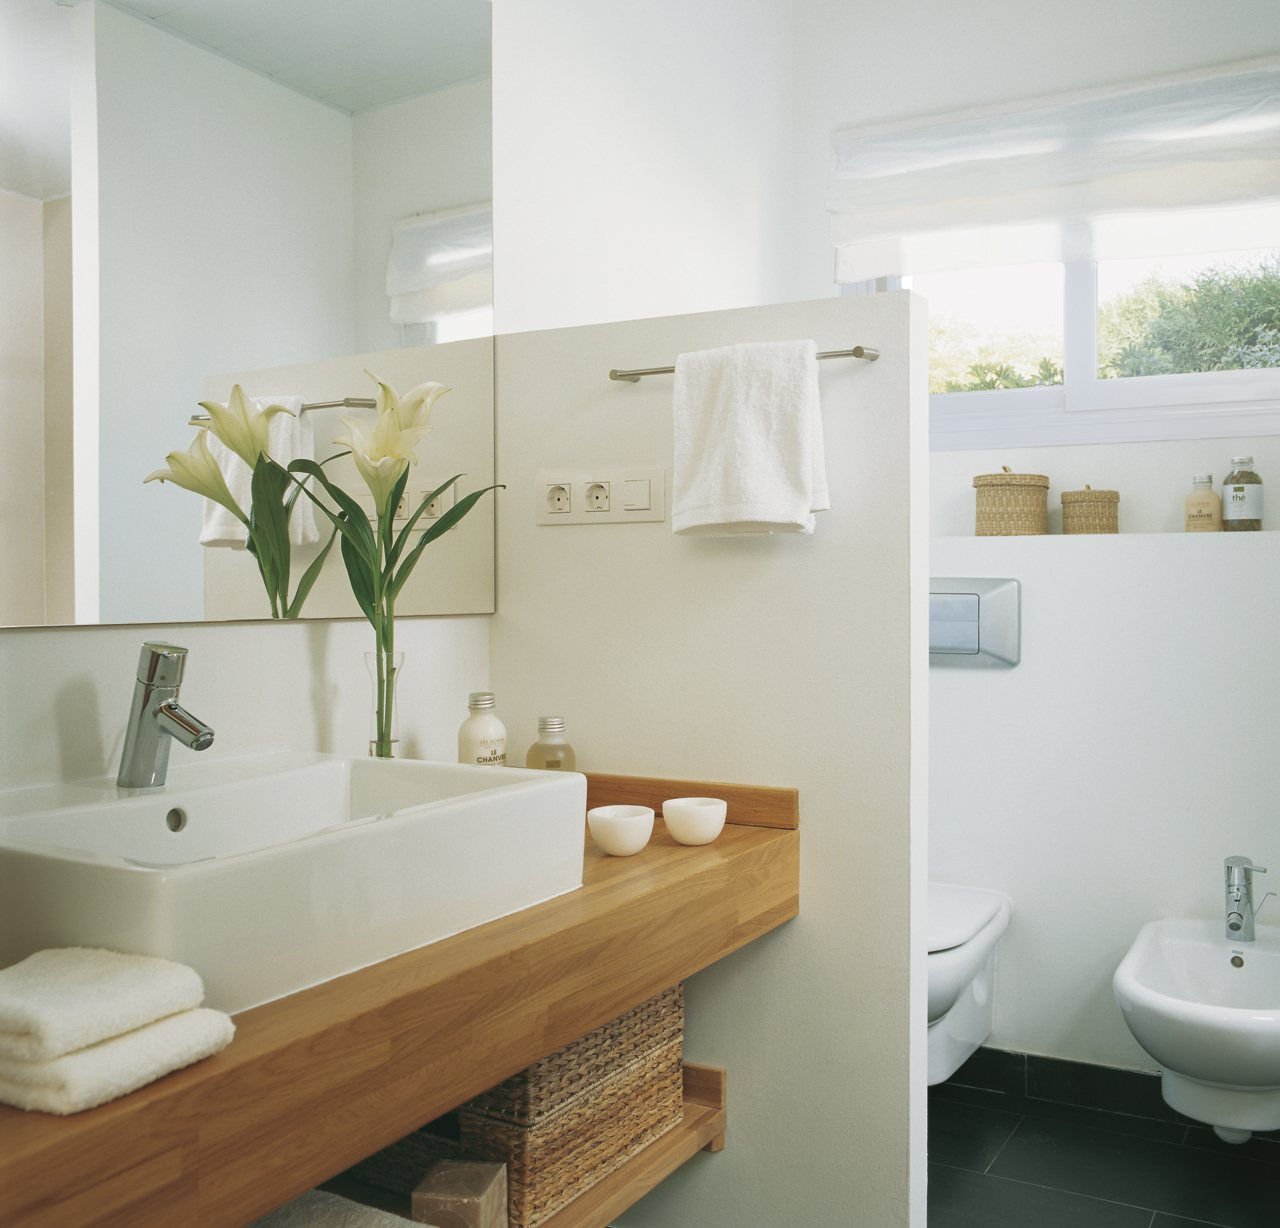 Image of mueble bajo lavabo con pie leroy merlin mueble de lavabo acacia ref 14989282 leroy - Lavabos suspendidos leroy merlin ...